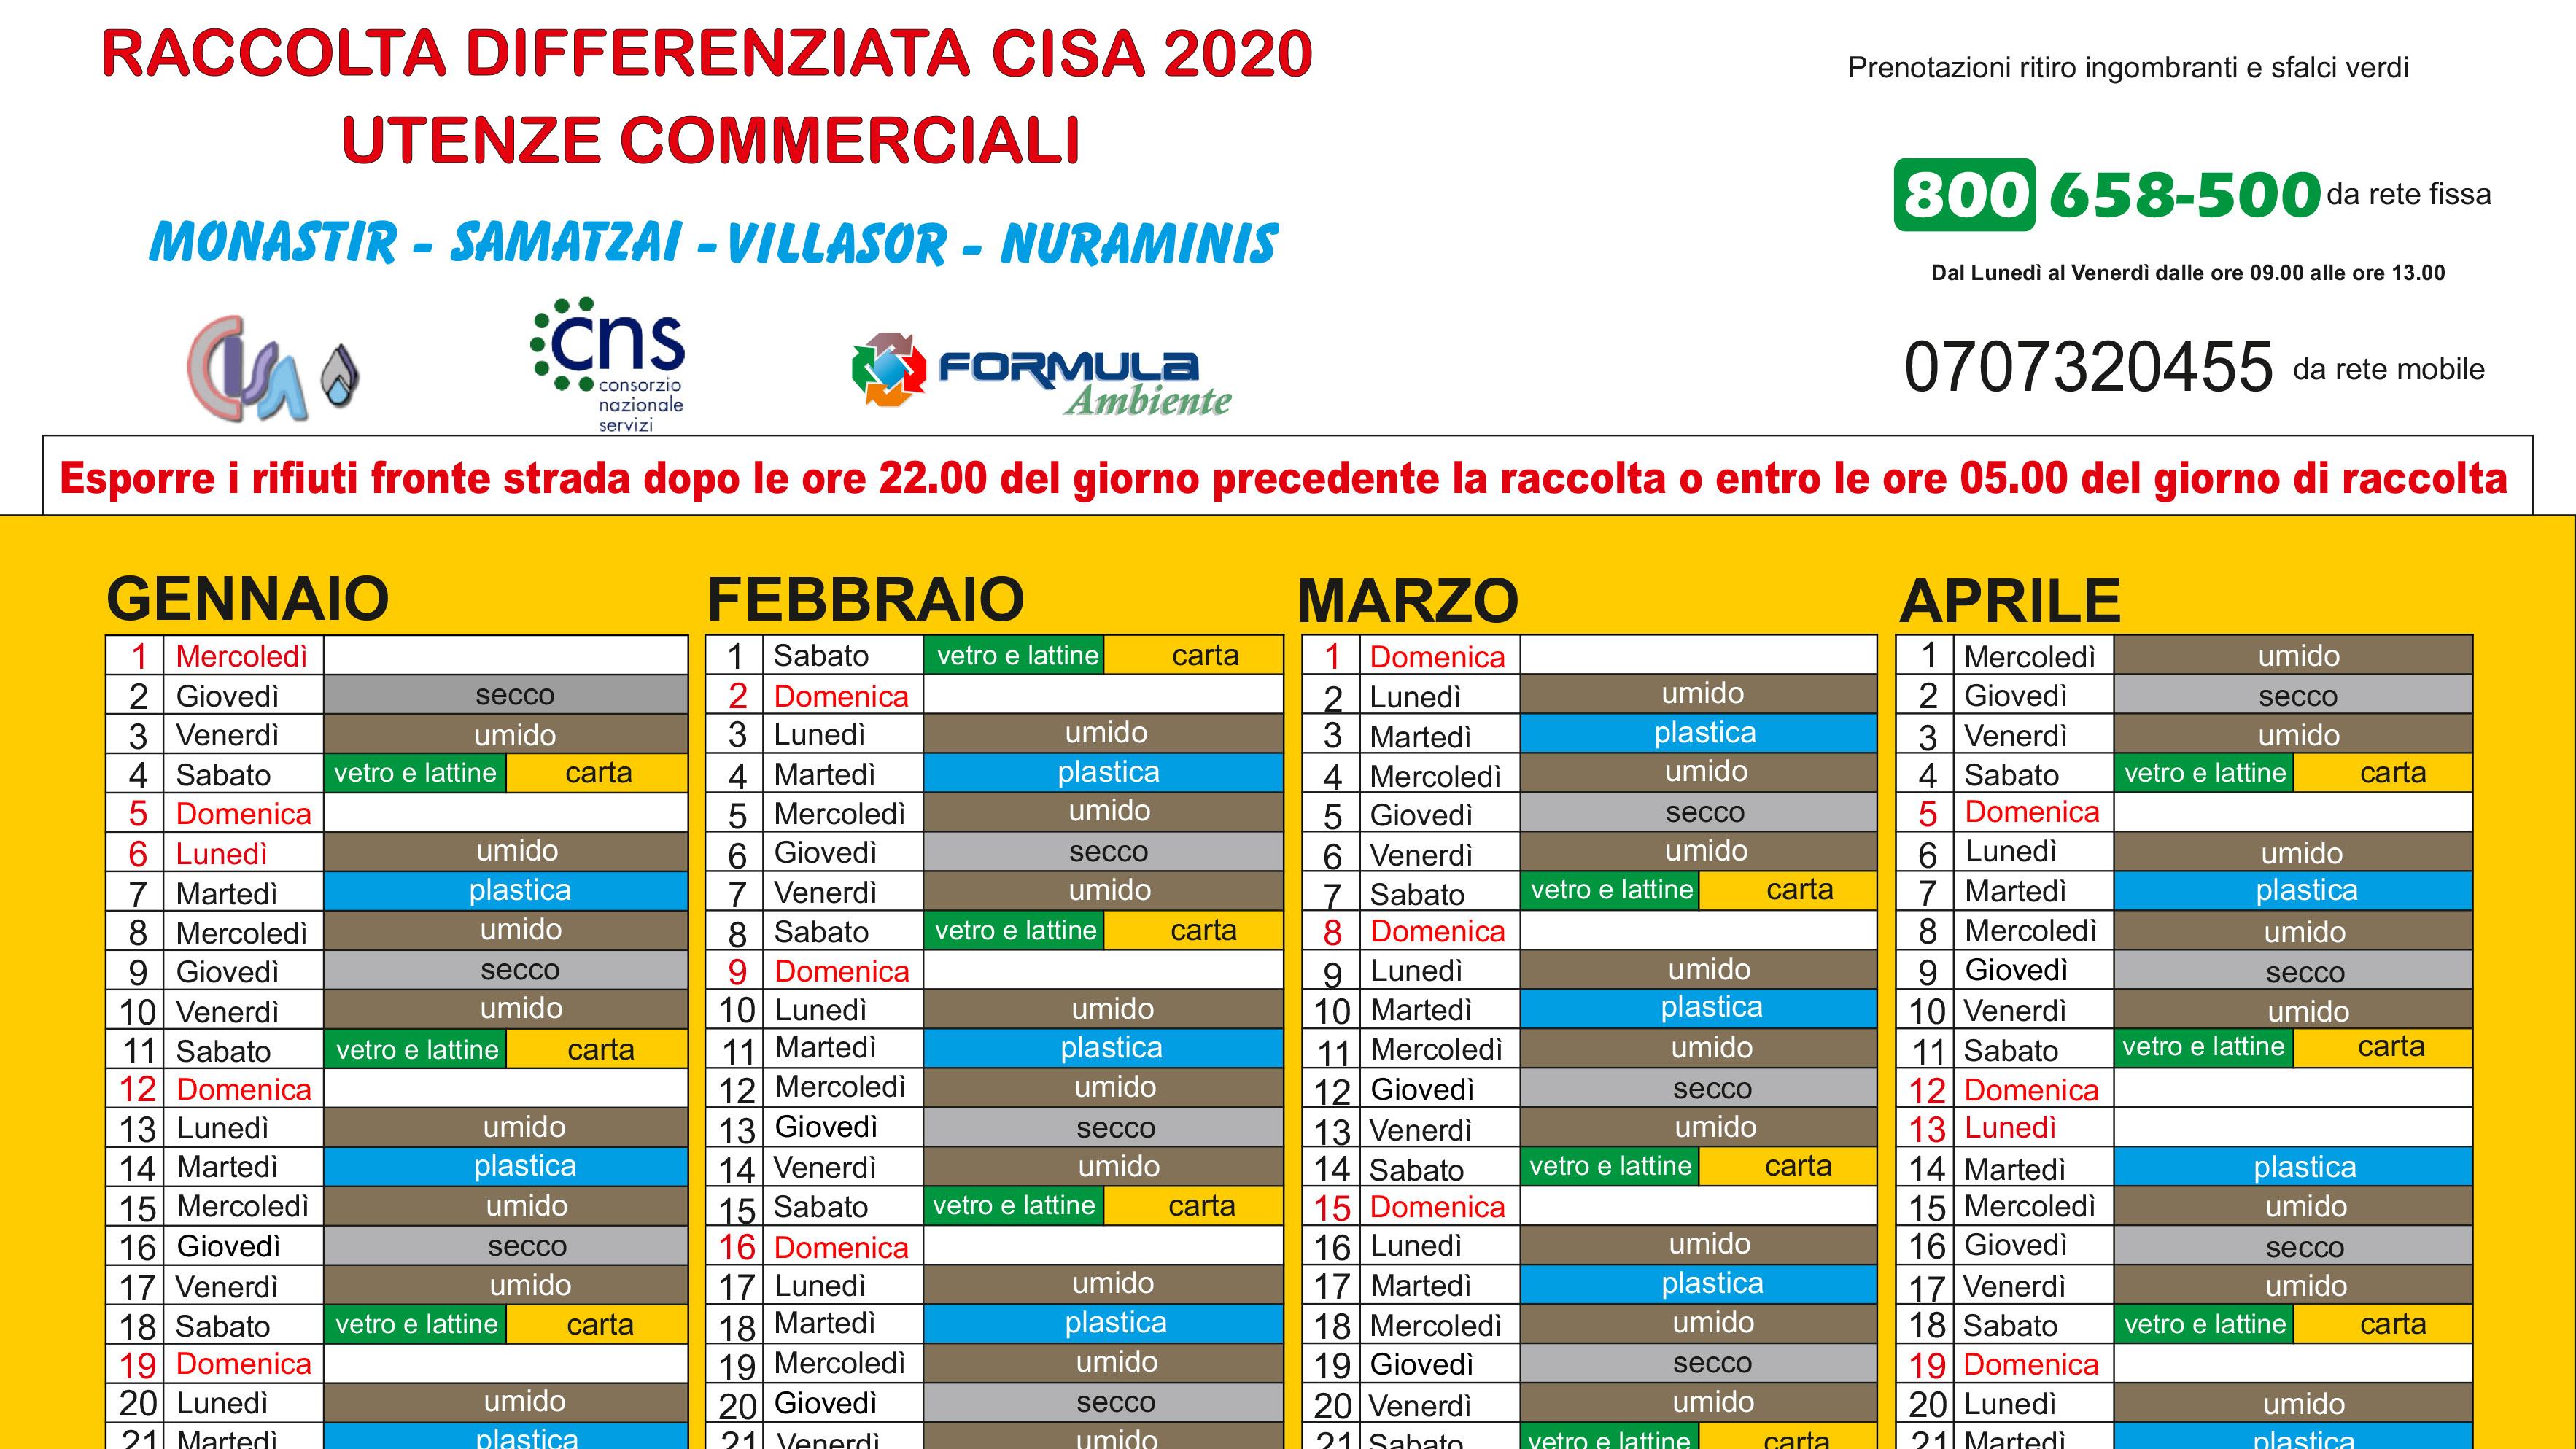 Calendario per utenze Commerciali 2020   Cisa Consorzio